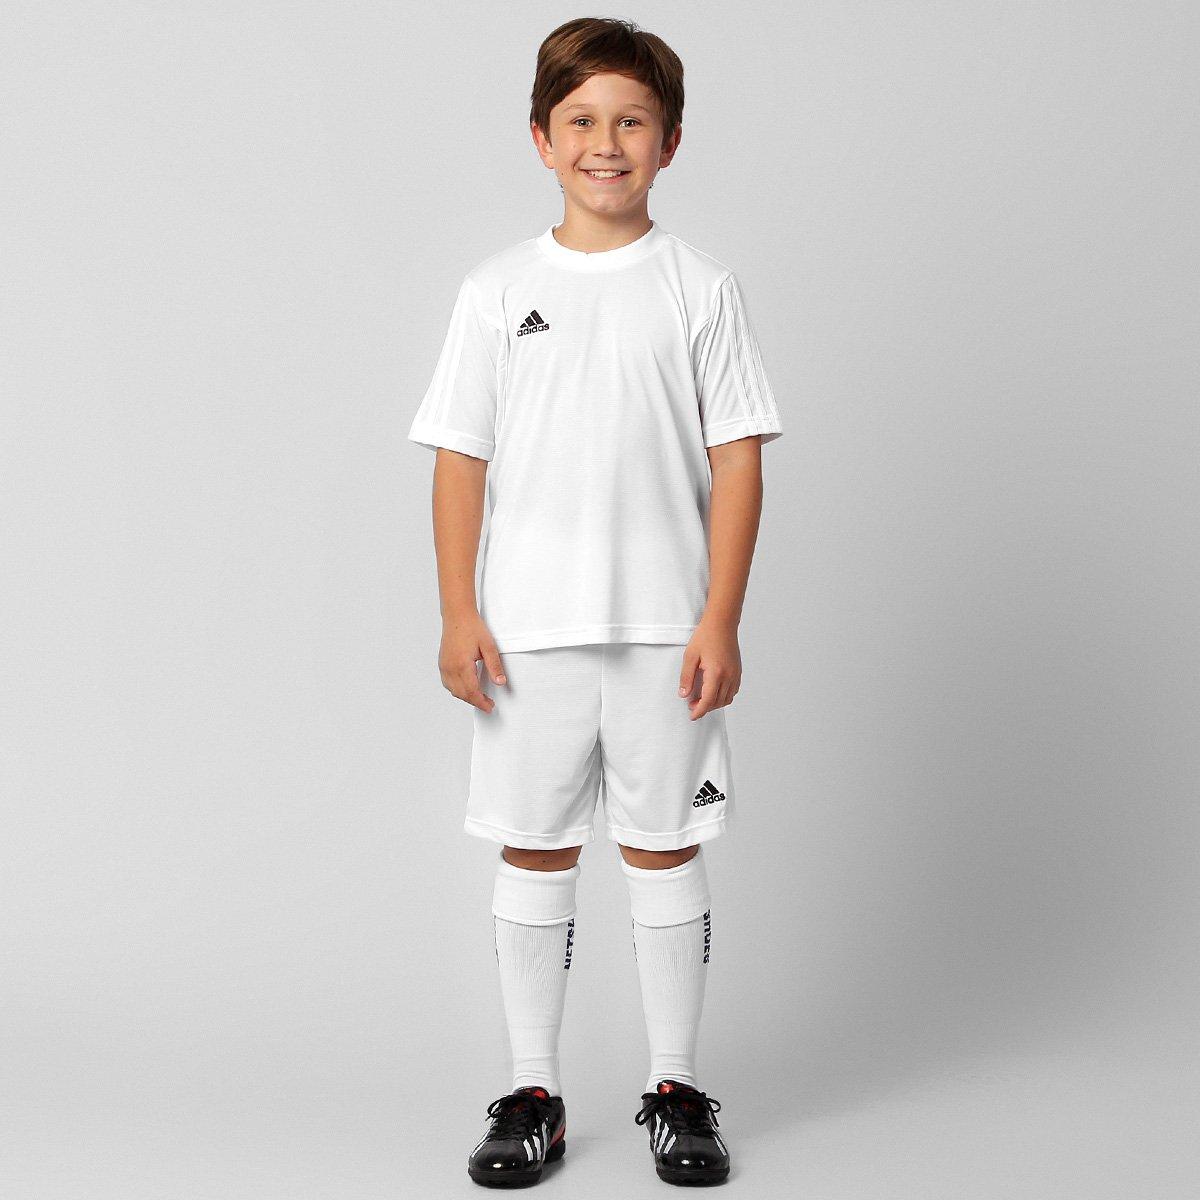 5293f40256 Camisa Adidas Squadra 13 Infantil - Compre Agora